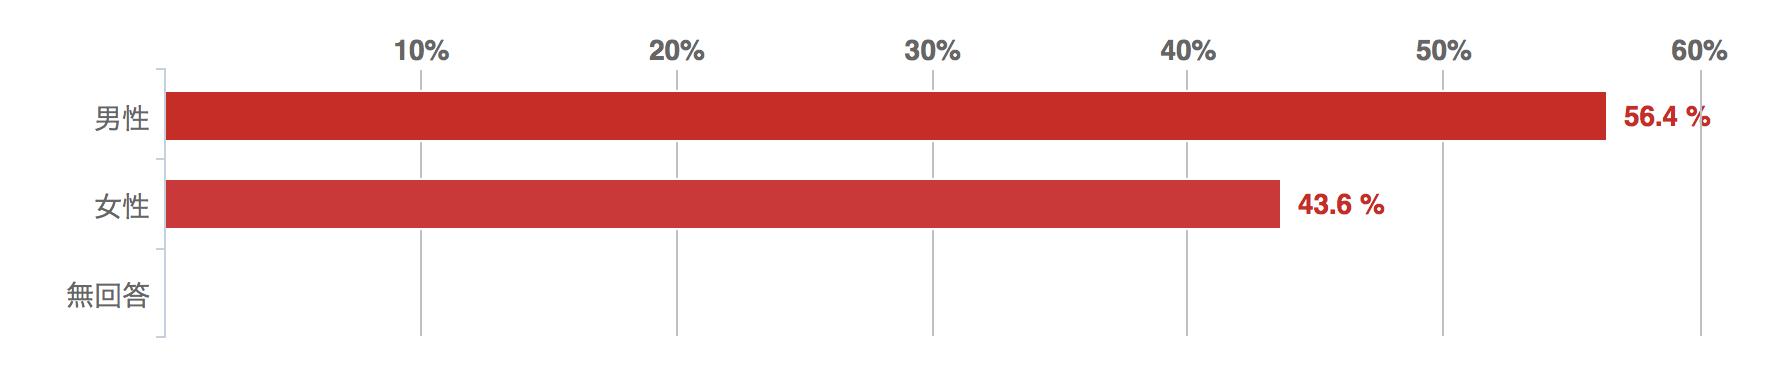 ビジネスローンに関するアンケート回答者の性別のグラフ